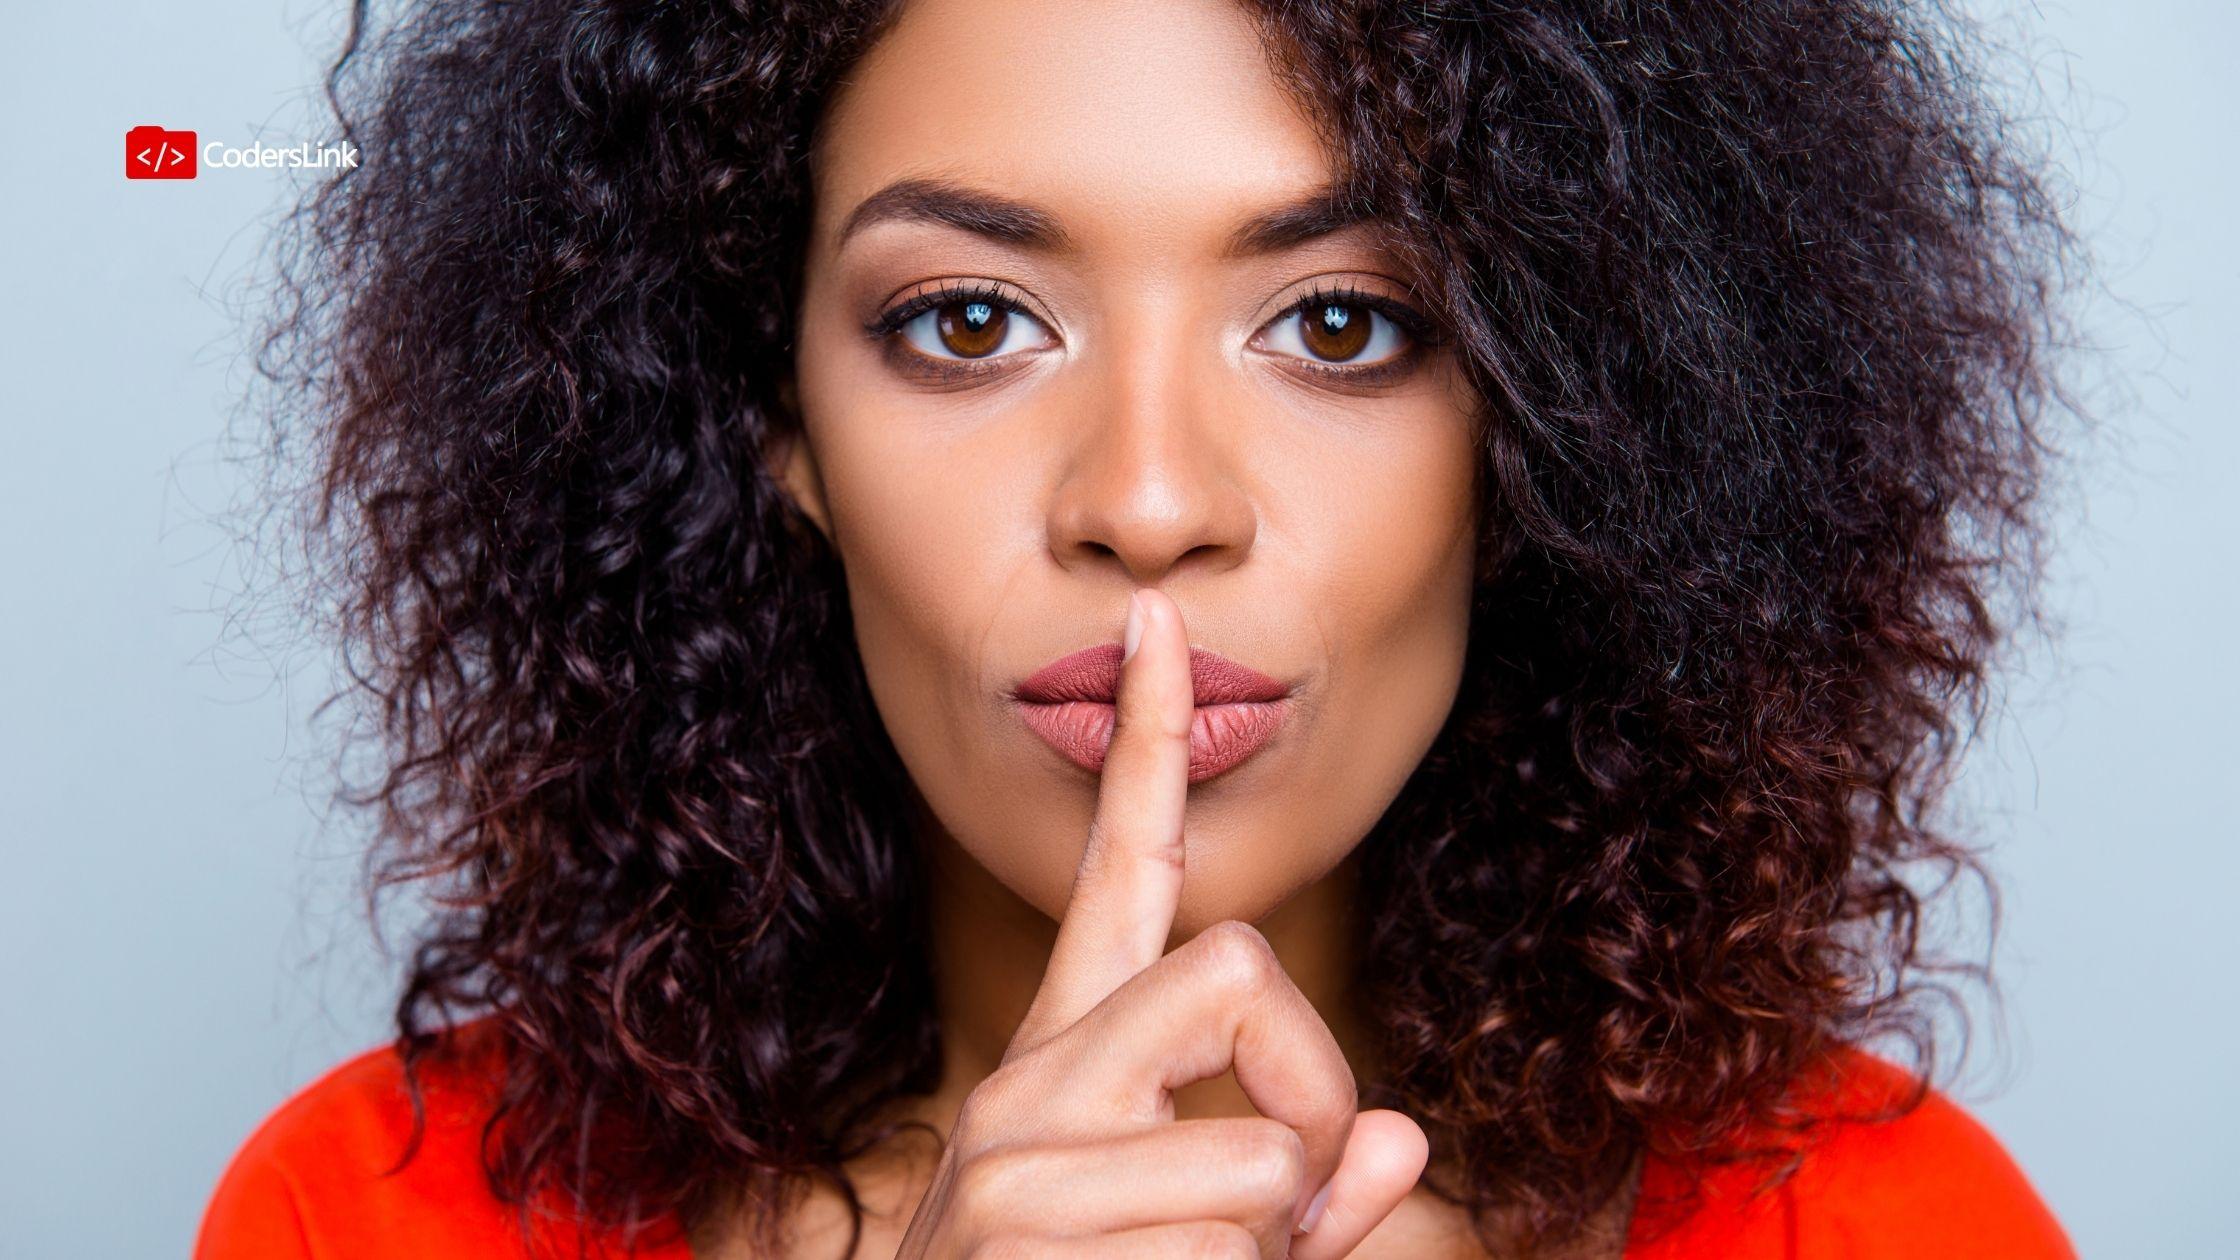 Las entrevistas de trabajo están envueltas de misterio. Nunca te ha quedado claro qué es lo que ahí se evalúa. Te explicamos cómo afrontarlas con éxito.